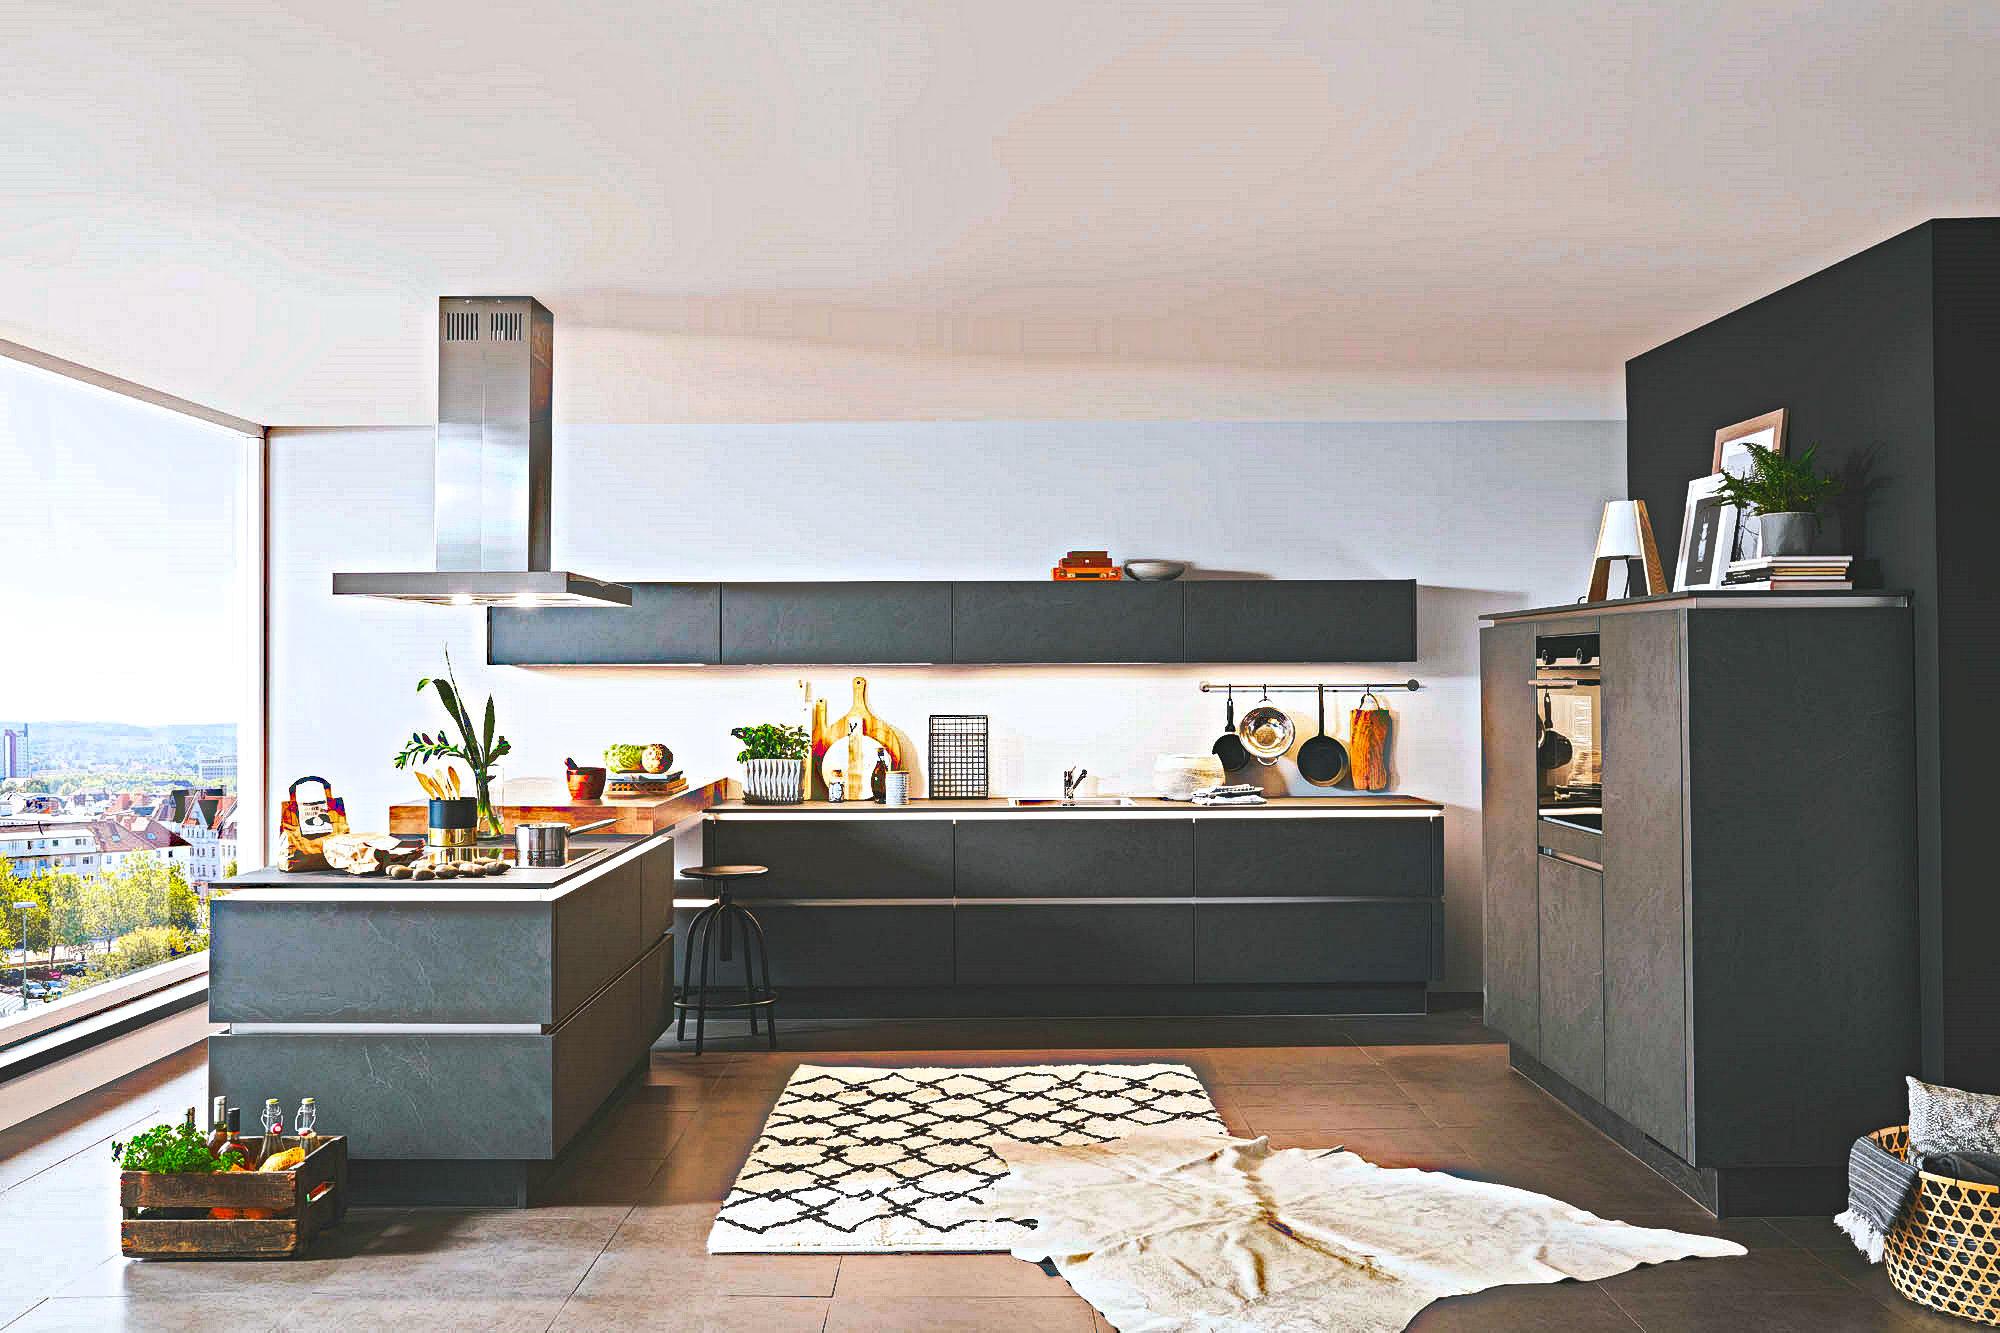 Full Size of Ikea Küche Massivholz Modern Weiss Apothekerschrank Einbauküche Kaufen Landhausstil Singleküche Mit Kühlschrank Betonoptik Geräten Arbeitsschuhe Bett Wohnzimmer Ikea Küche Massivholz